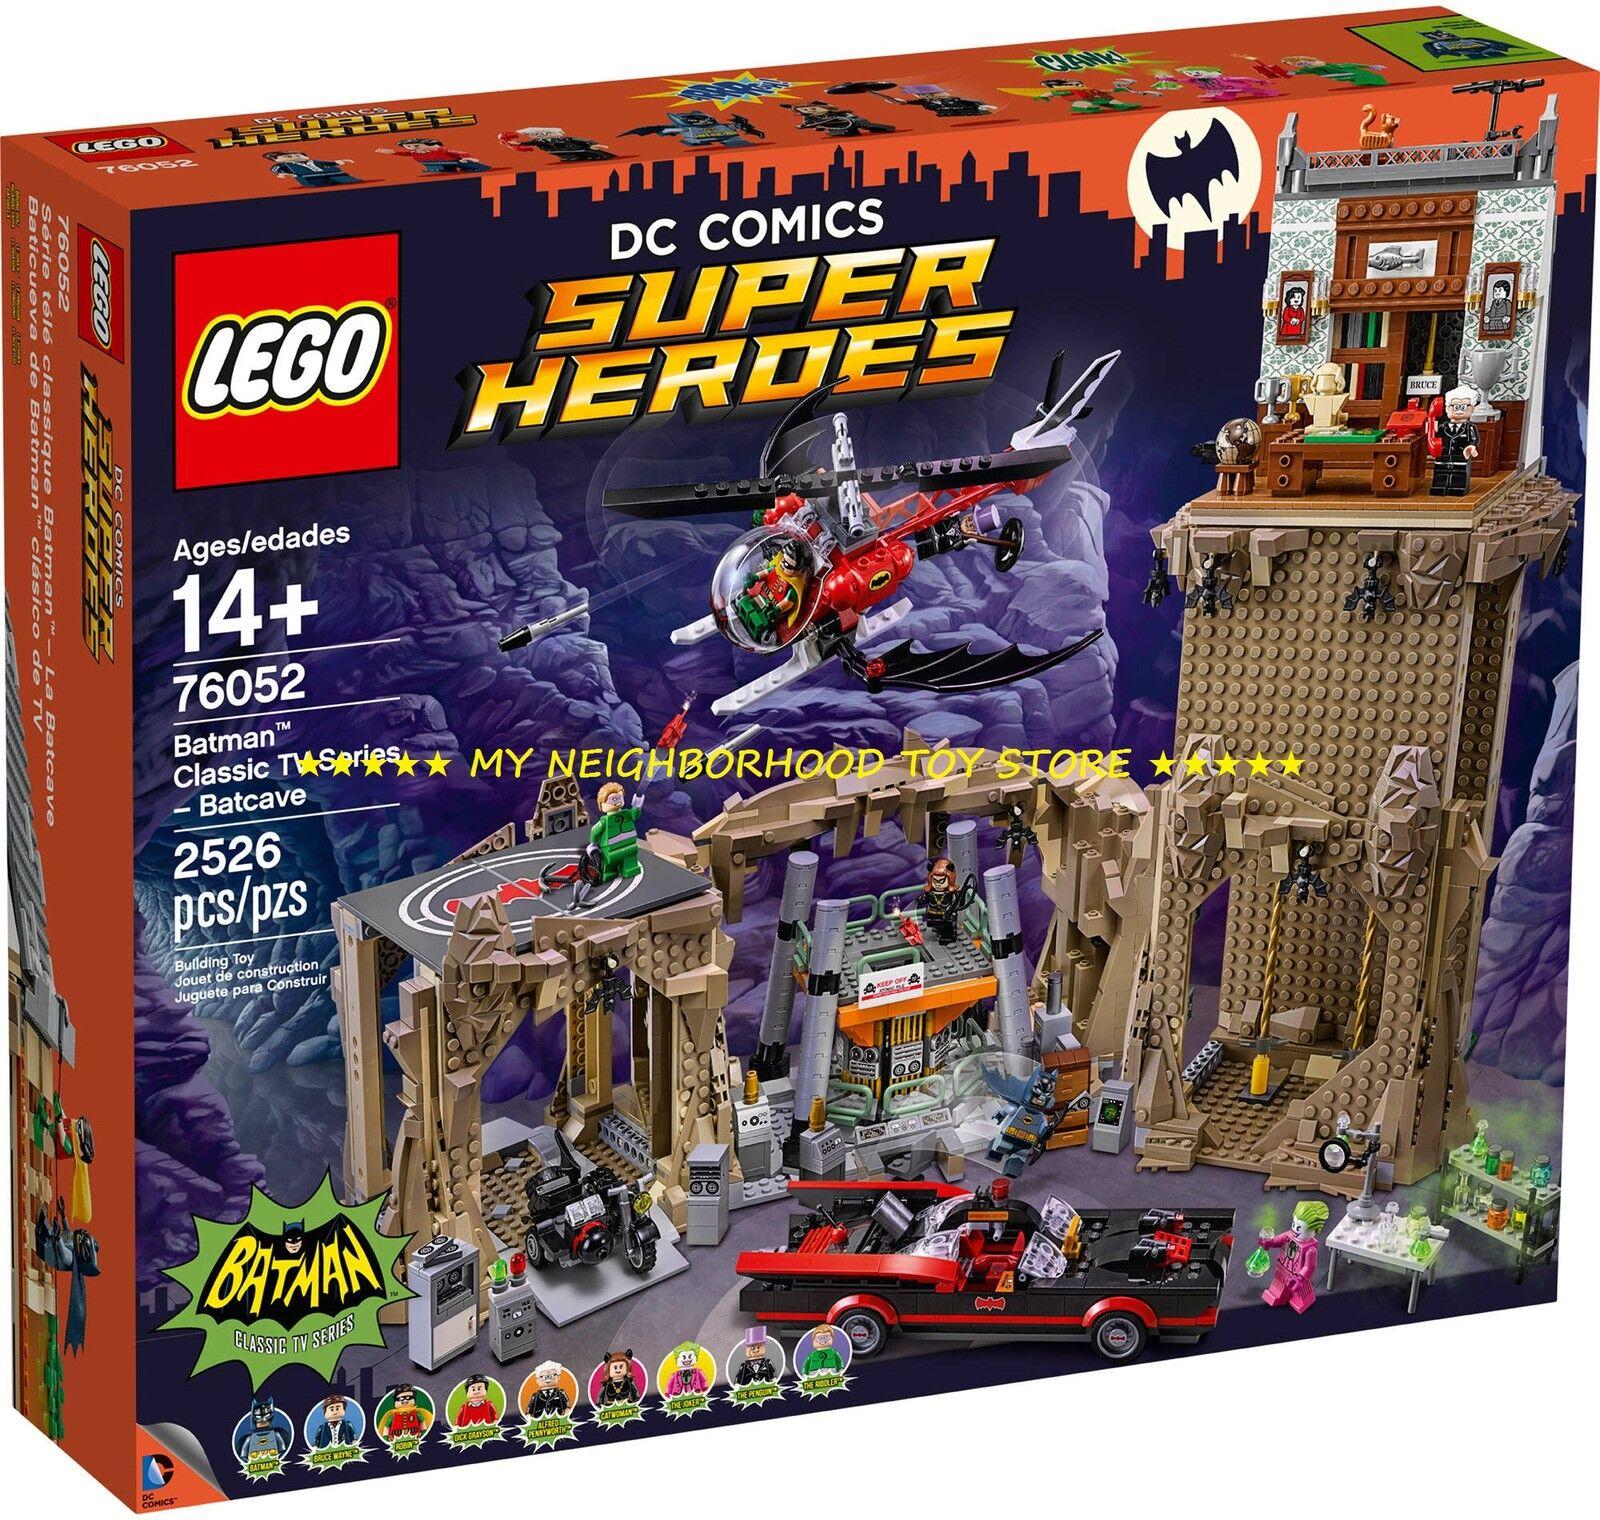 RETIrosso - LEGO 76052 DC COMICS™ SUPER HEROES™ BATCAVERNA BATMAN™ CLASSIC BATCAVE